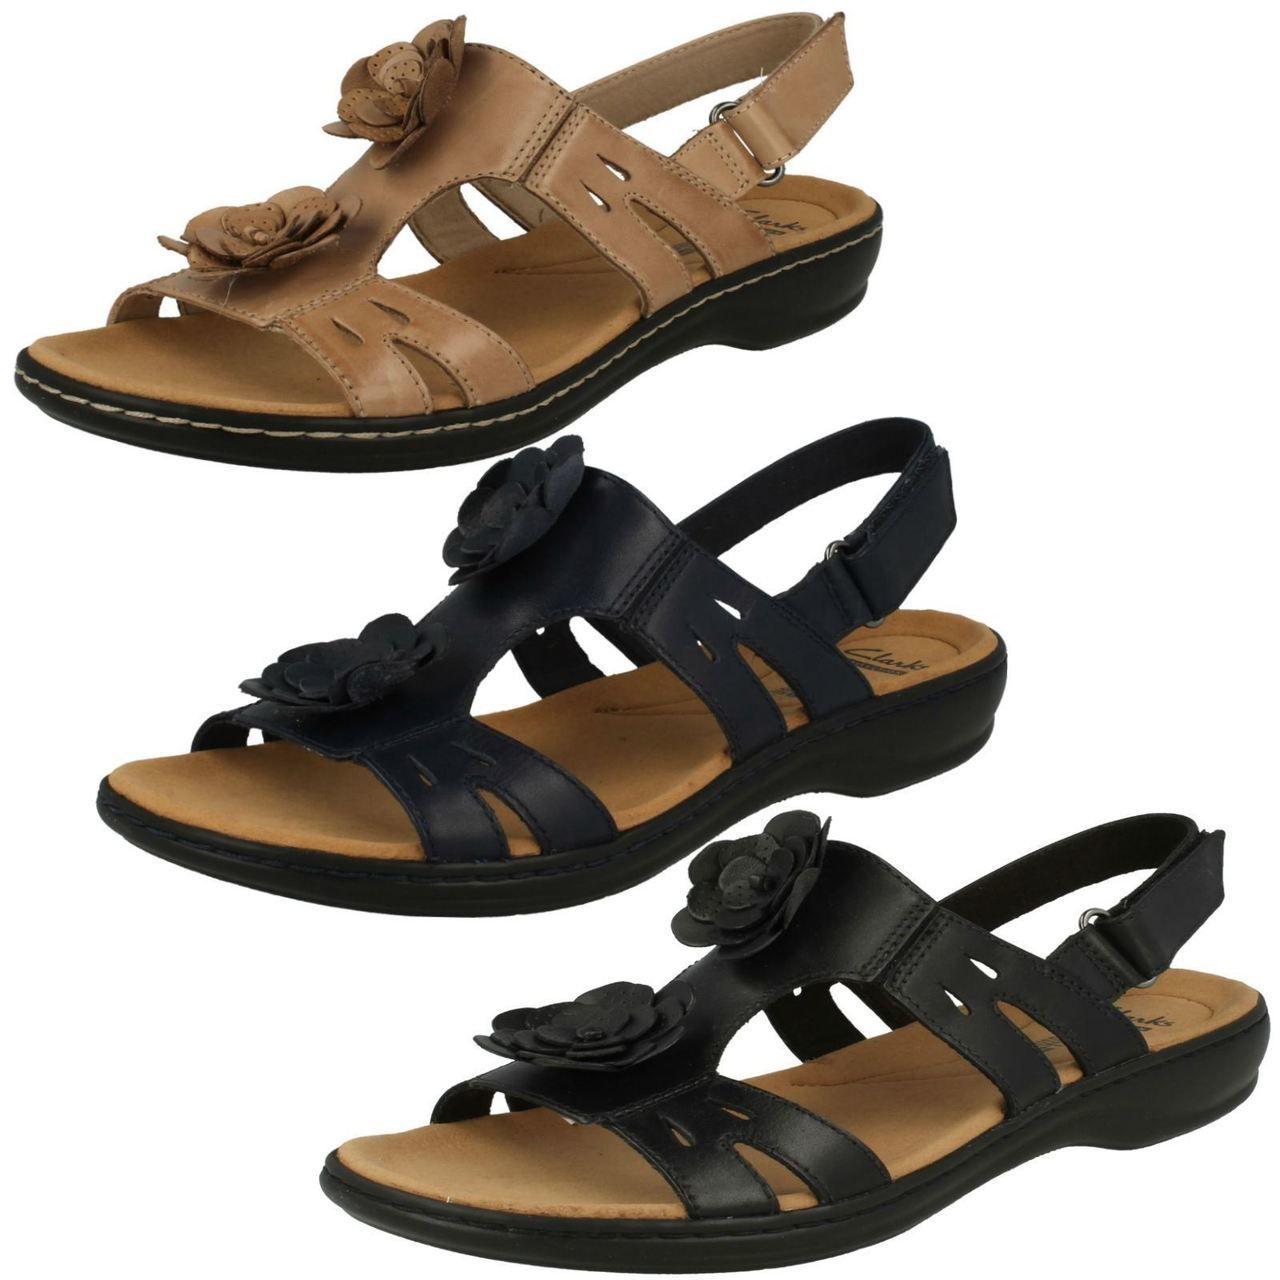 les chaussures fleur mesdames clarks fleur chaussures - leisa des sandales 12bdbe